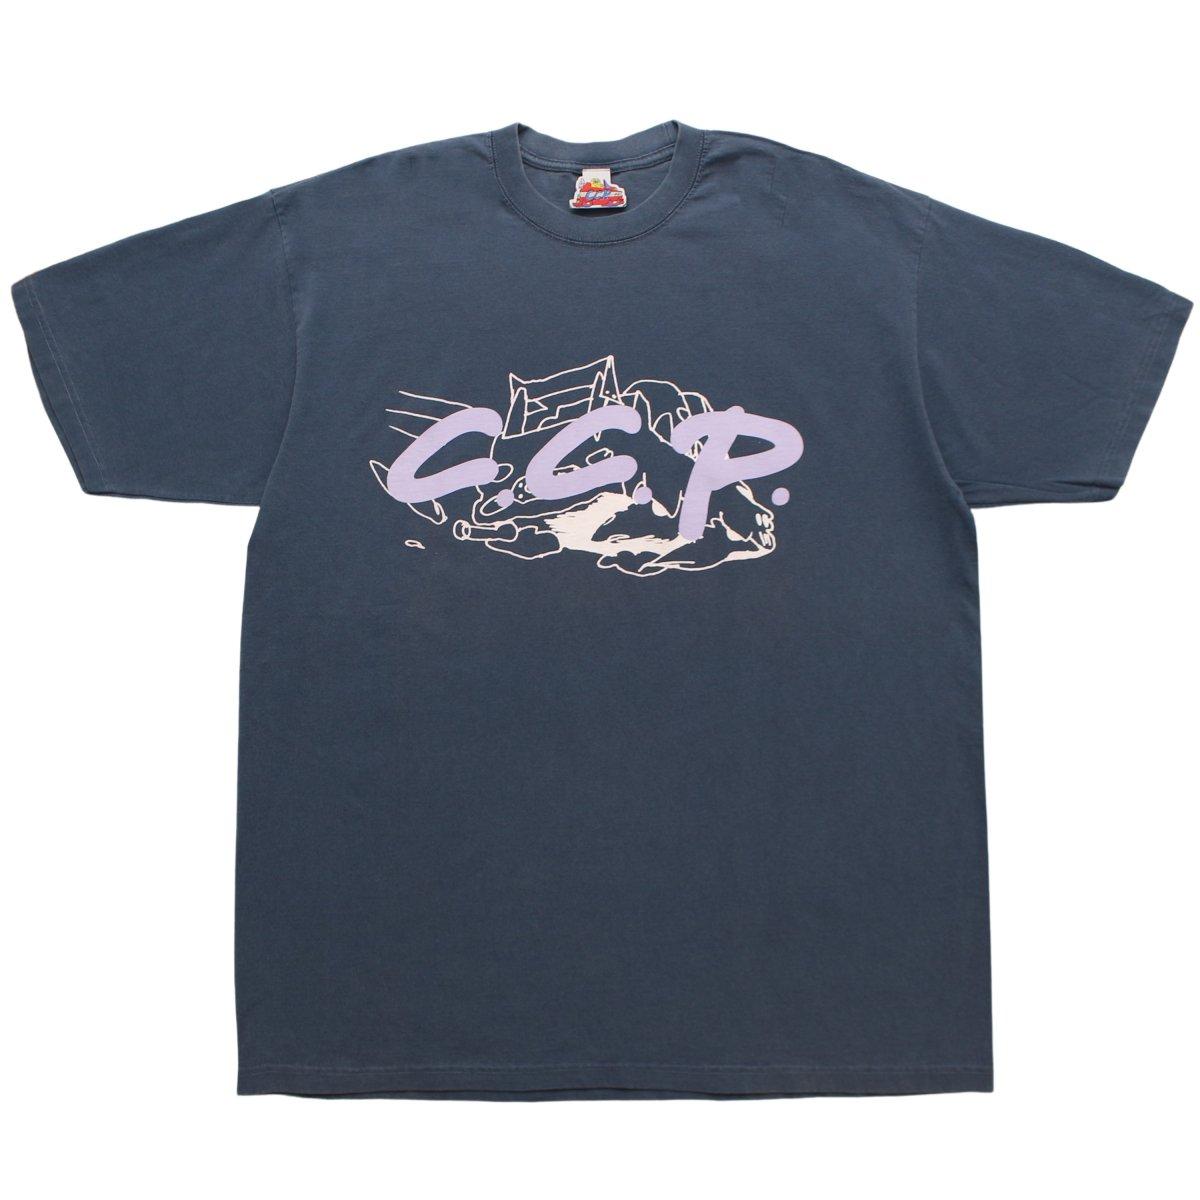 C.C.P.  Flying Logo T-shirt 【Washed Blue 】